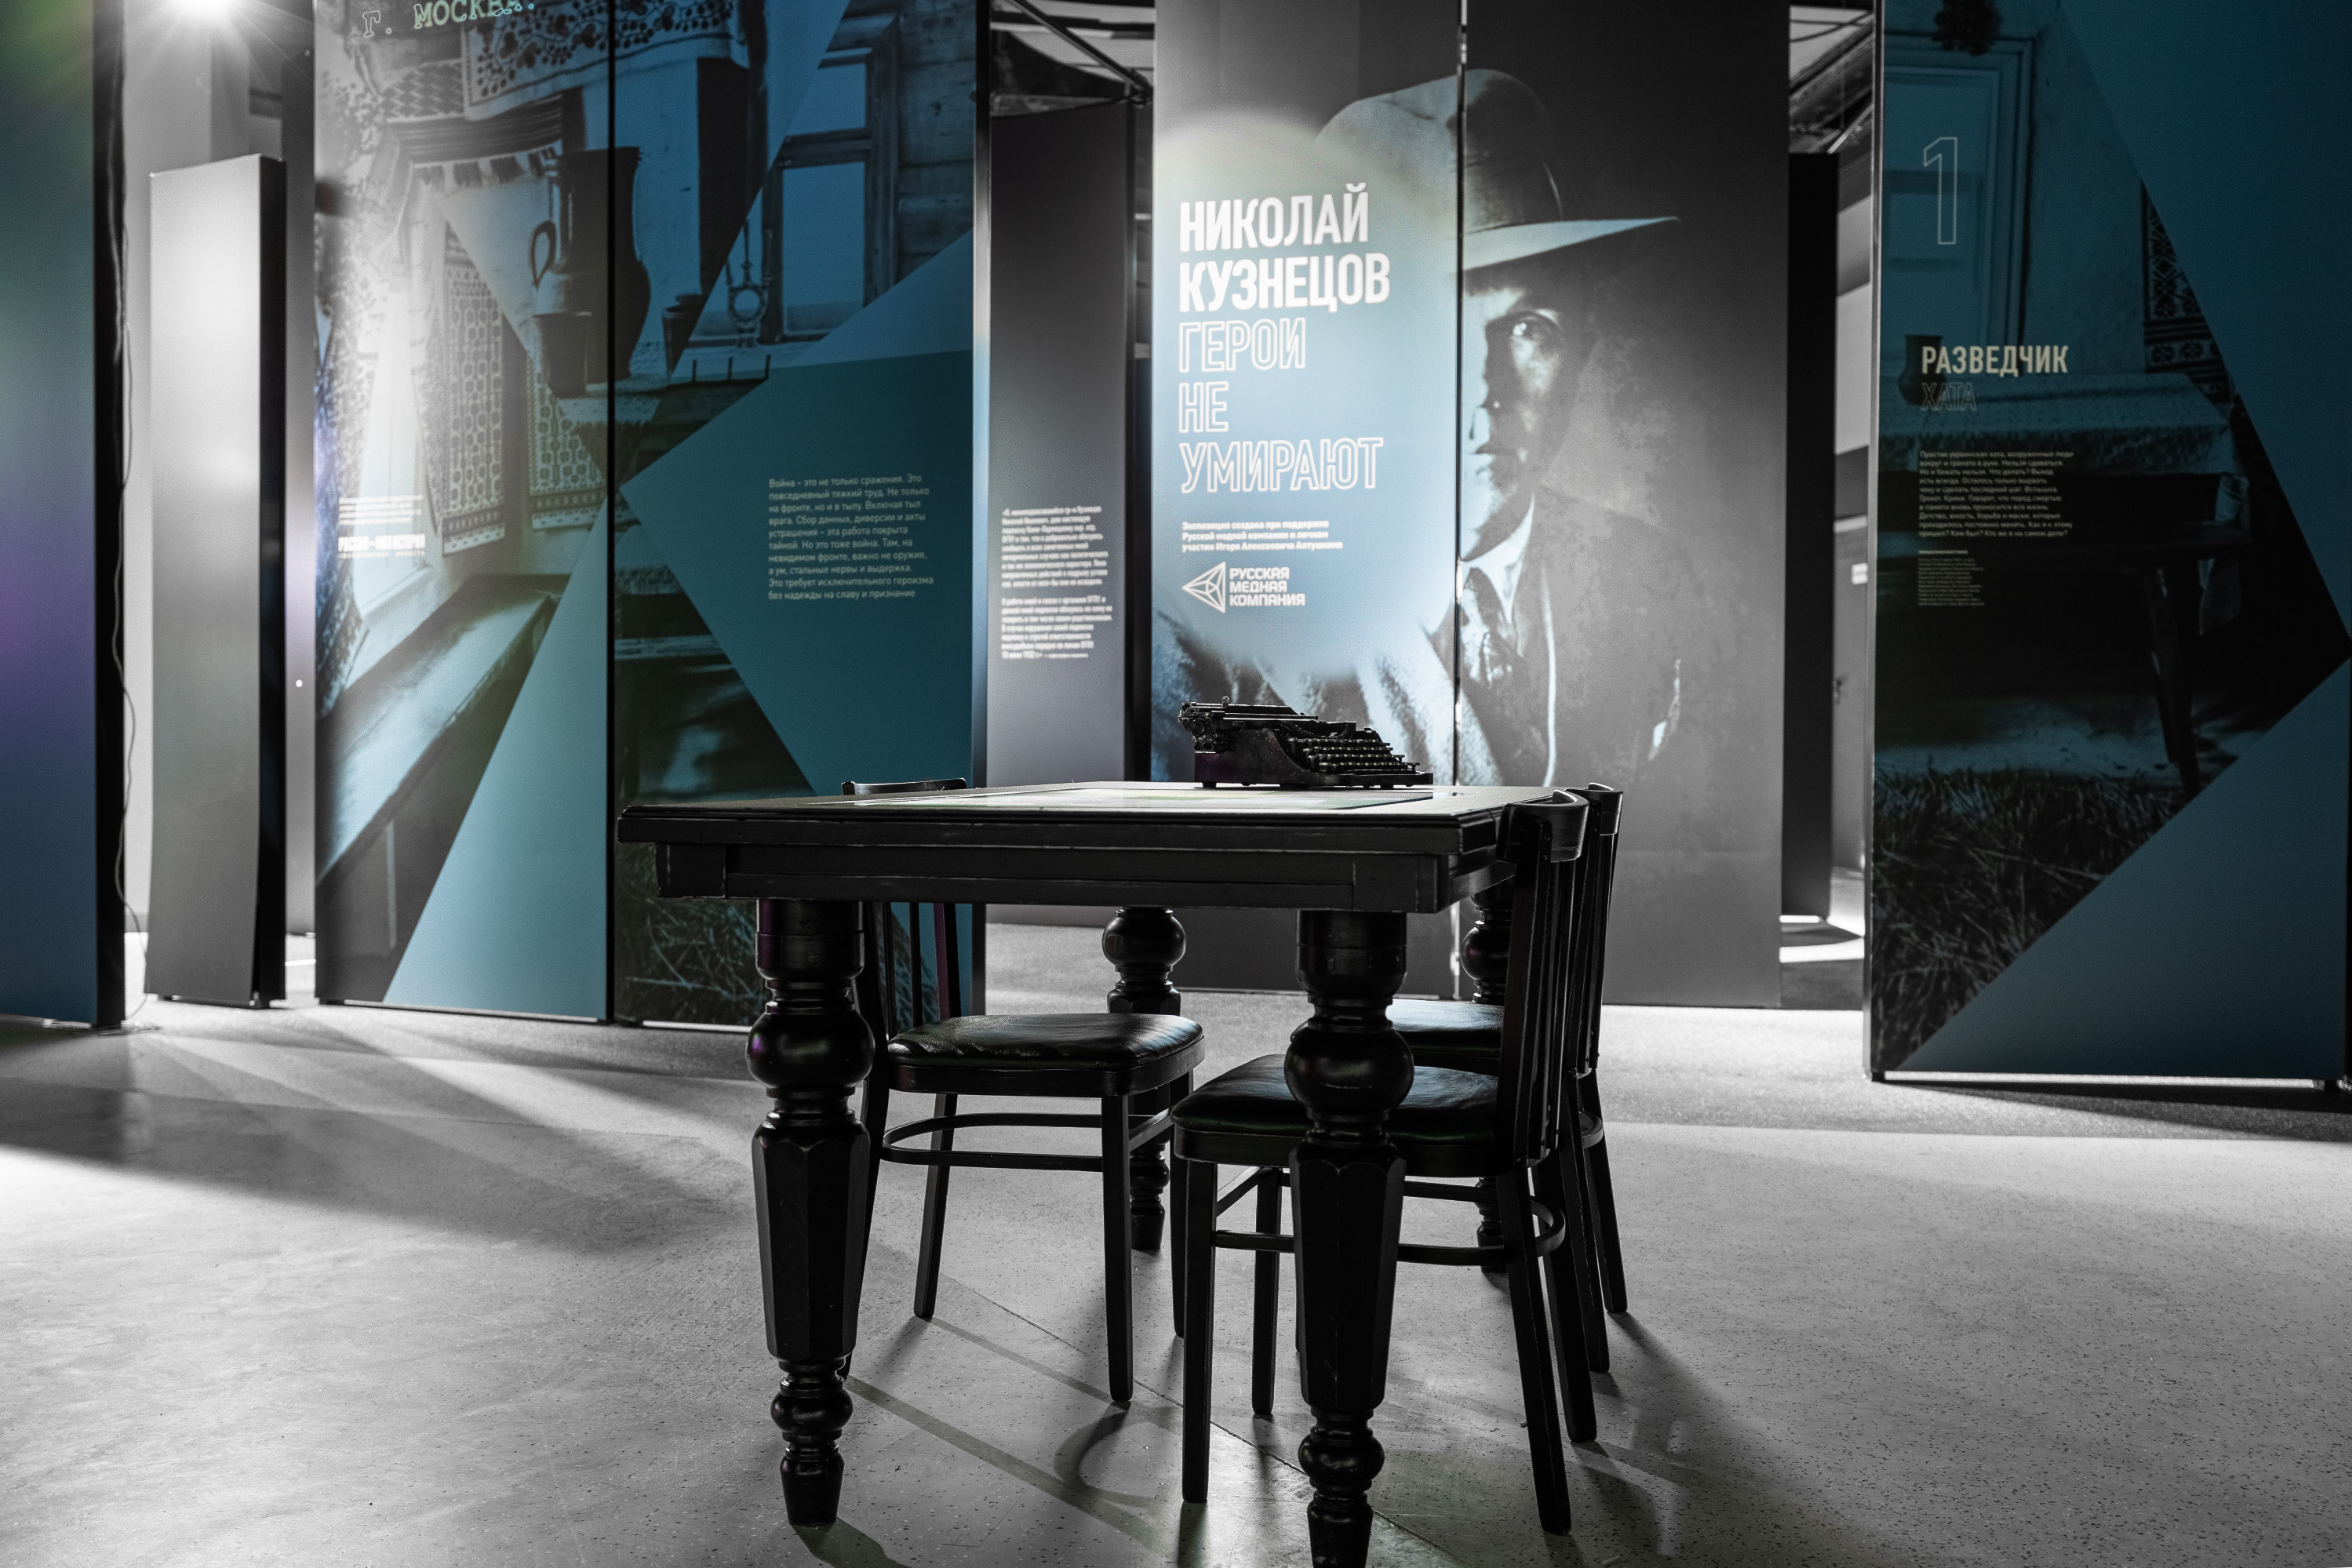 На выставке в интерактивном формате показаны самые интересные факты о жизни разведчика